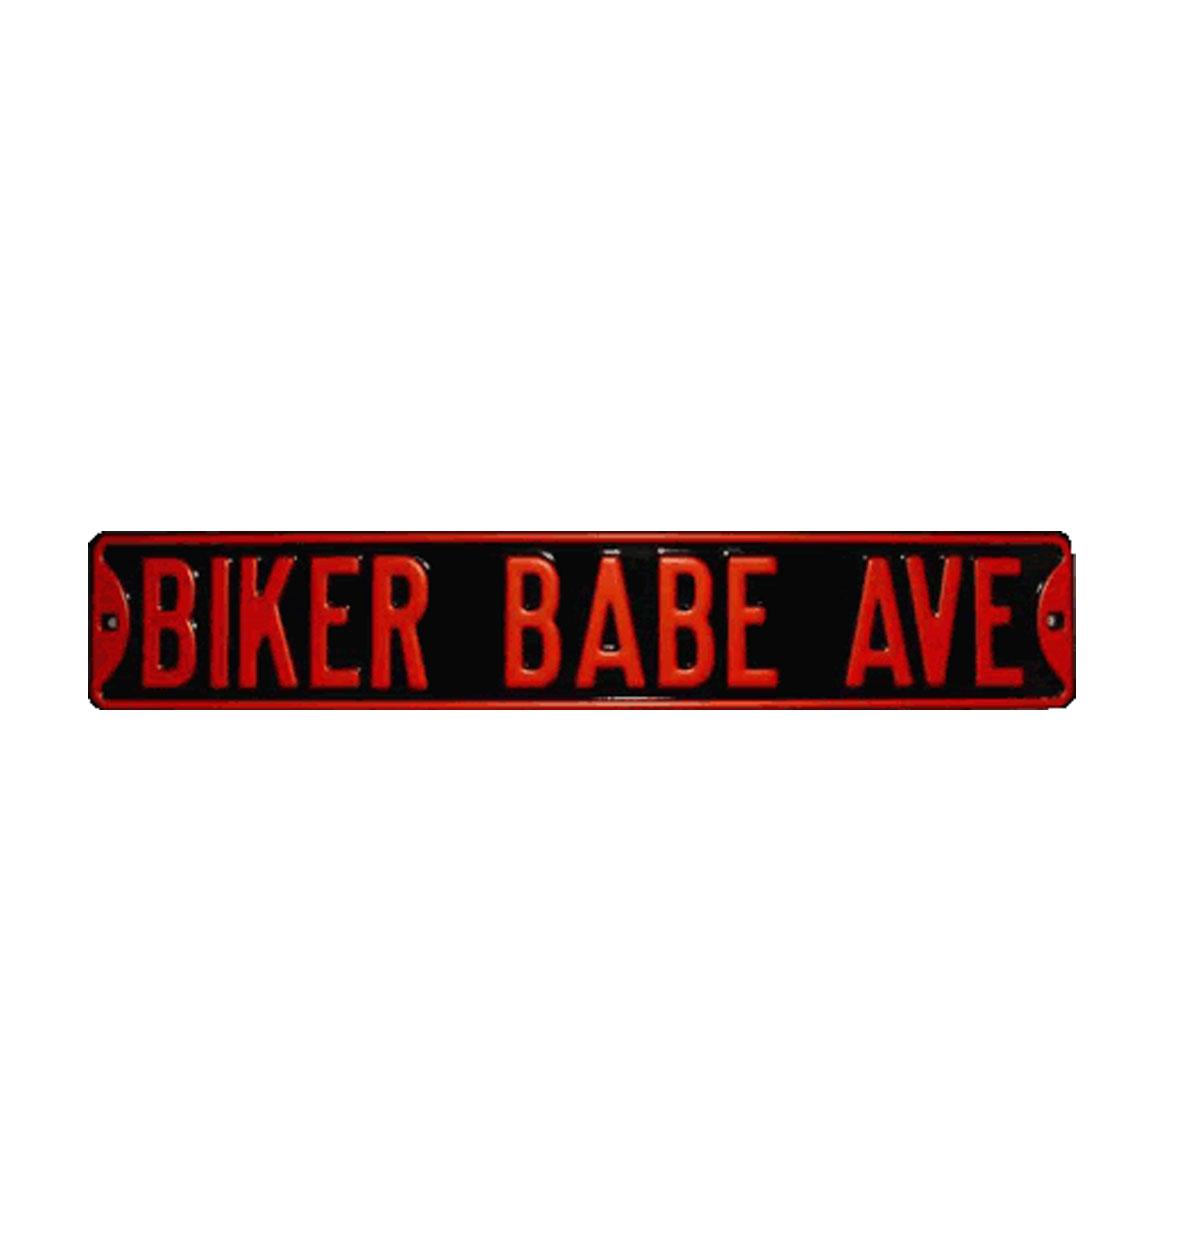 Biker Babe Ave. Heavy Duty Metalen Straat Bord